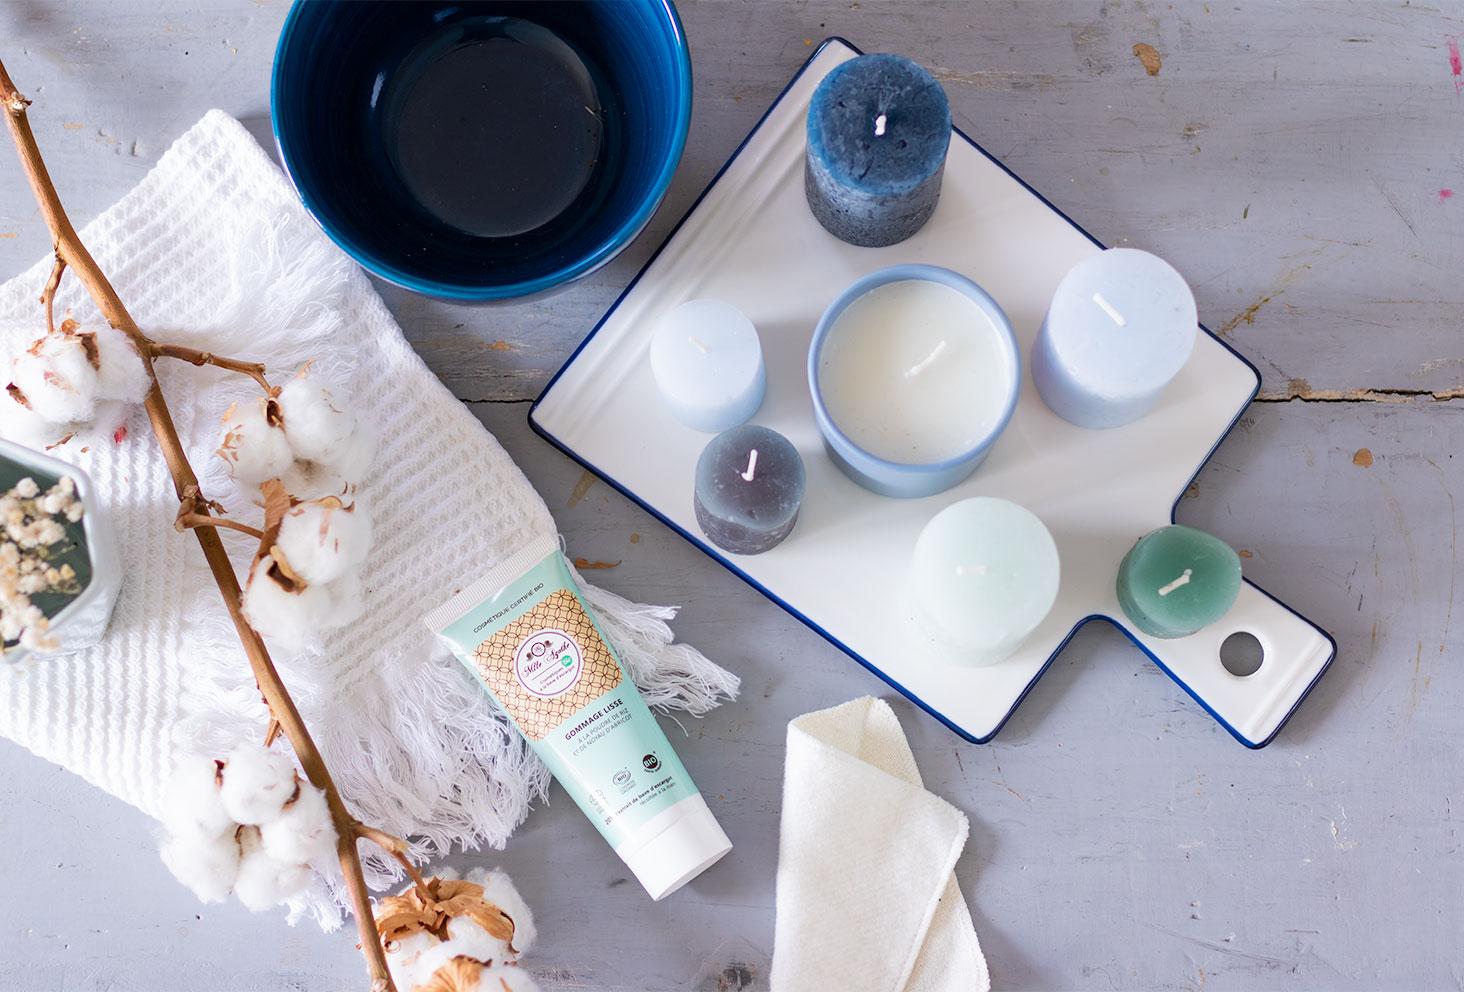 Le gommage visage de Mlle Agathe de haut et de loin, sur une table vintage bleue à côté de plusieurs bougies dans une salle de bain